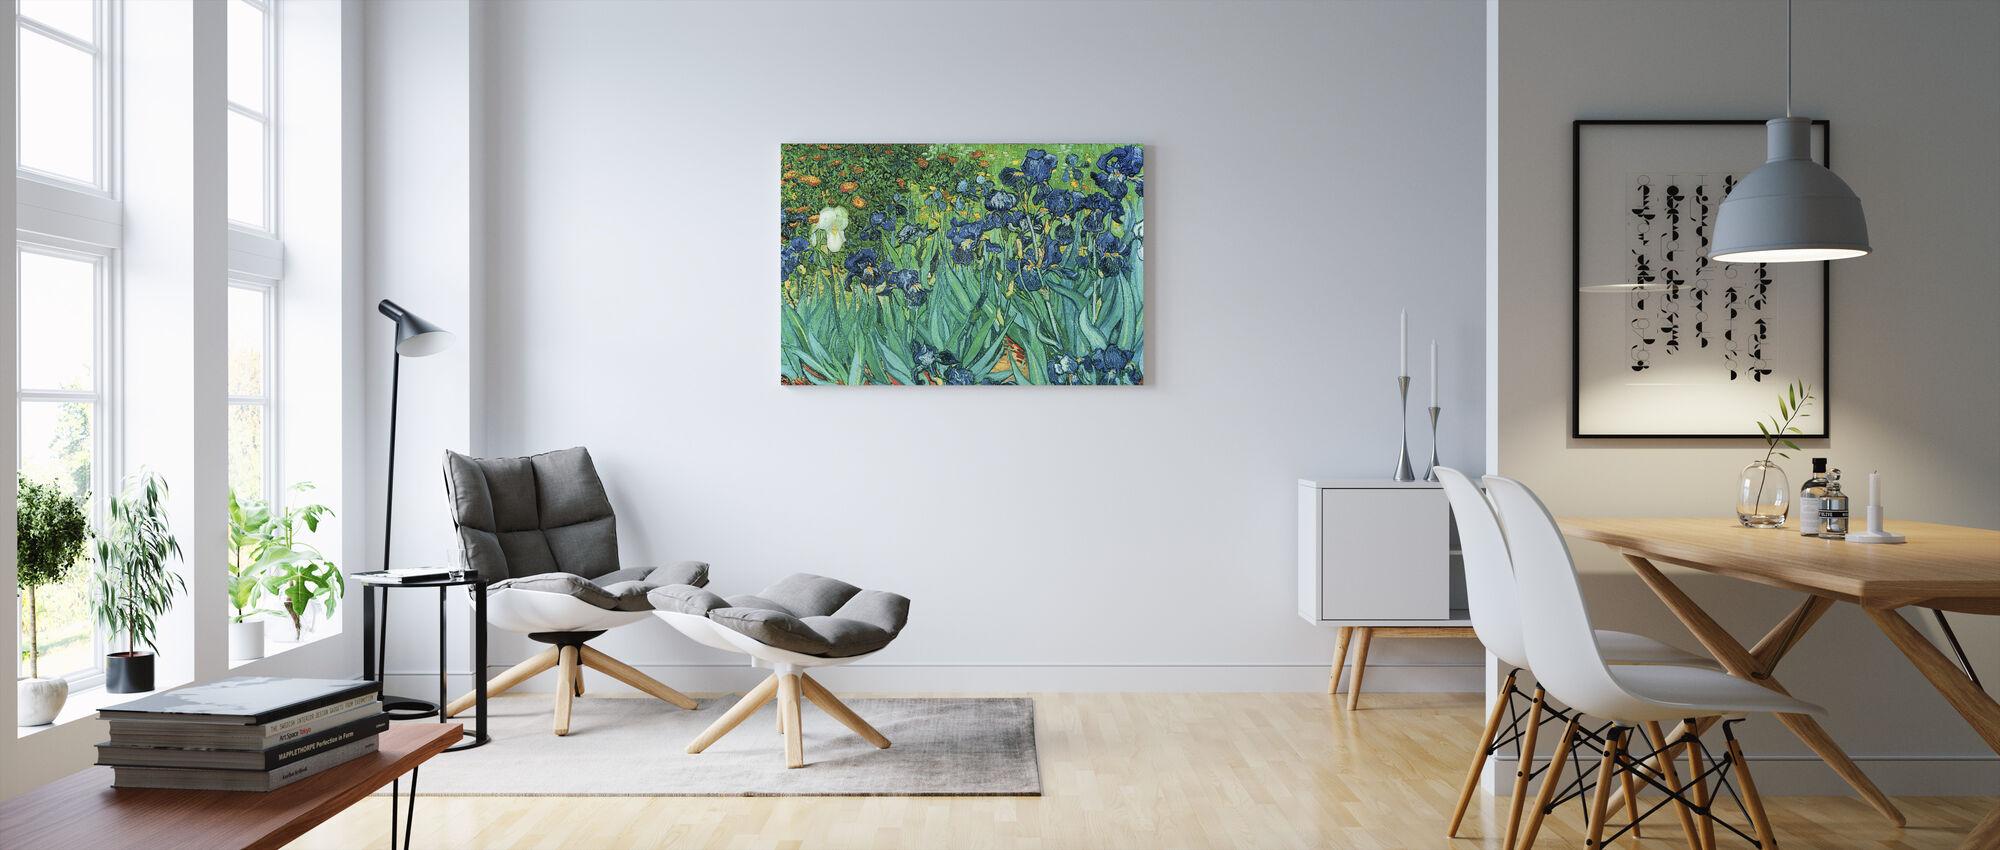 Irises, Vincent van Gogh - Canvas print - Living Room